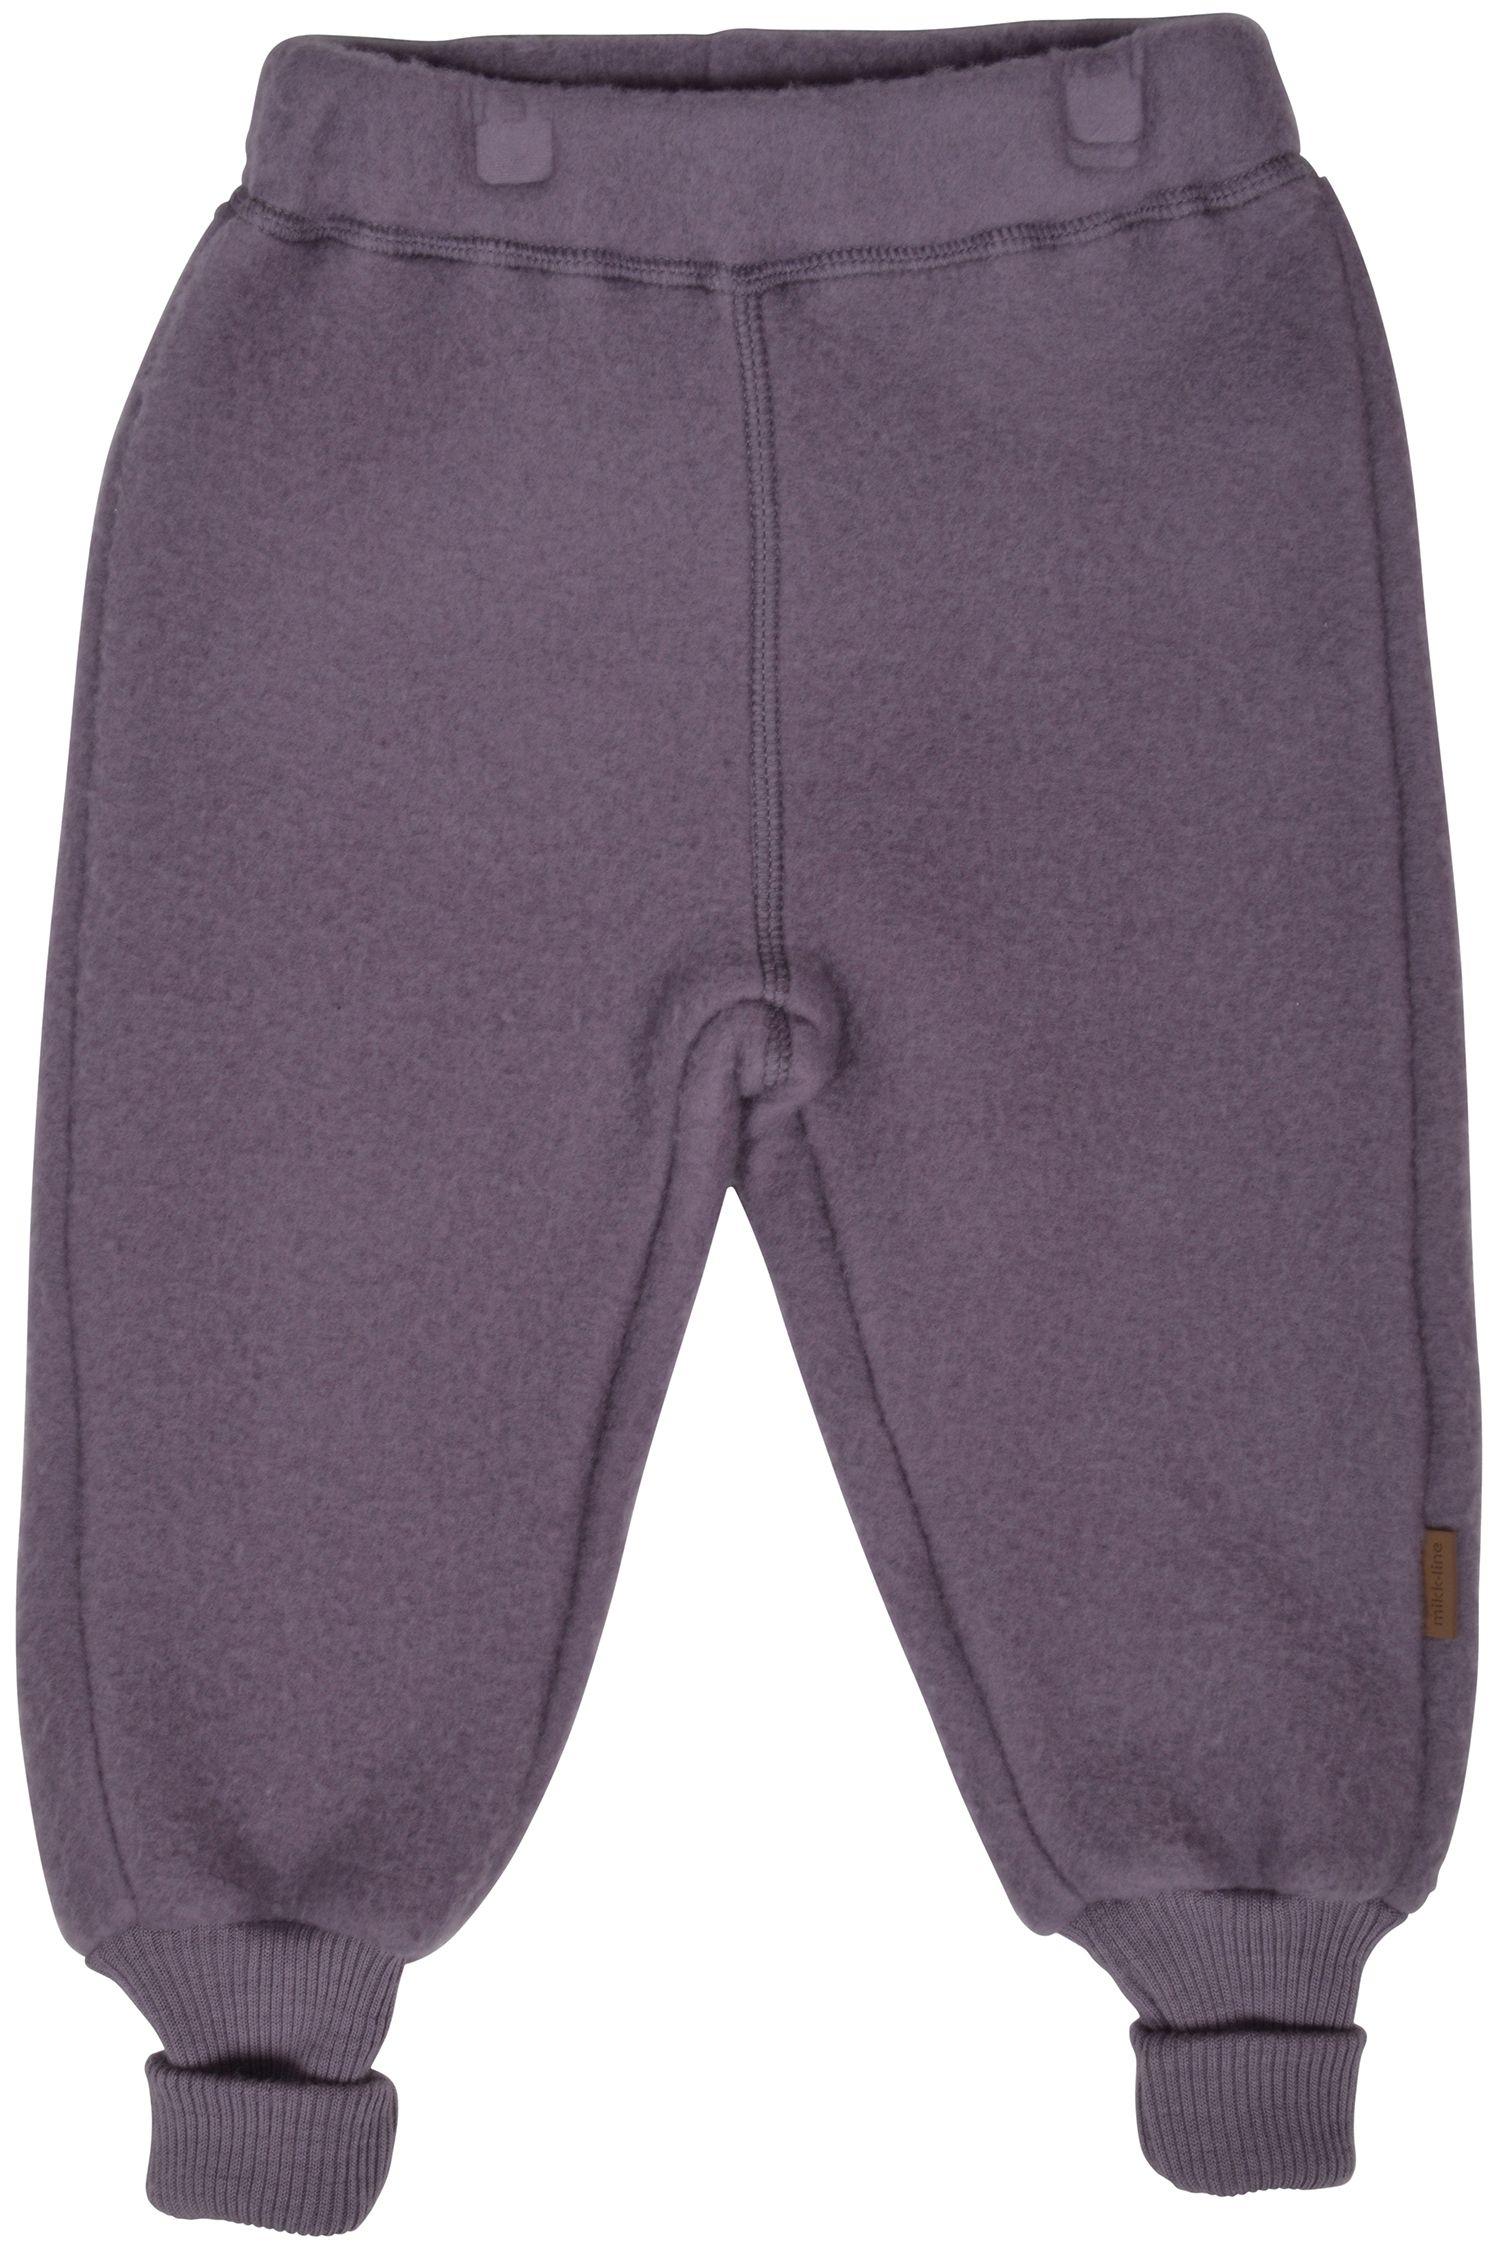 Billede af Uldbukser fra Mikk-Line - Støvet blomme